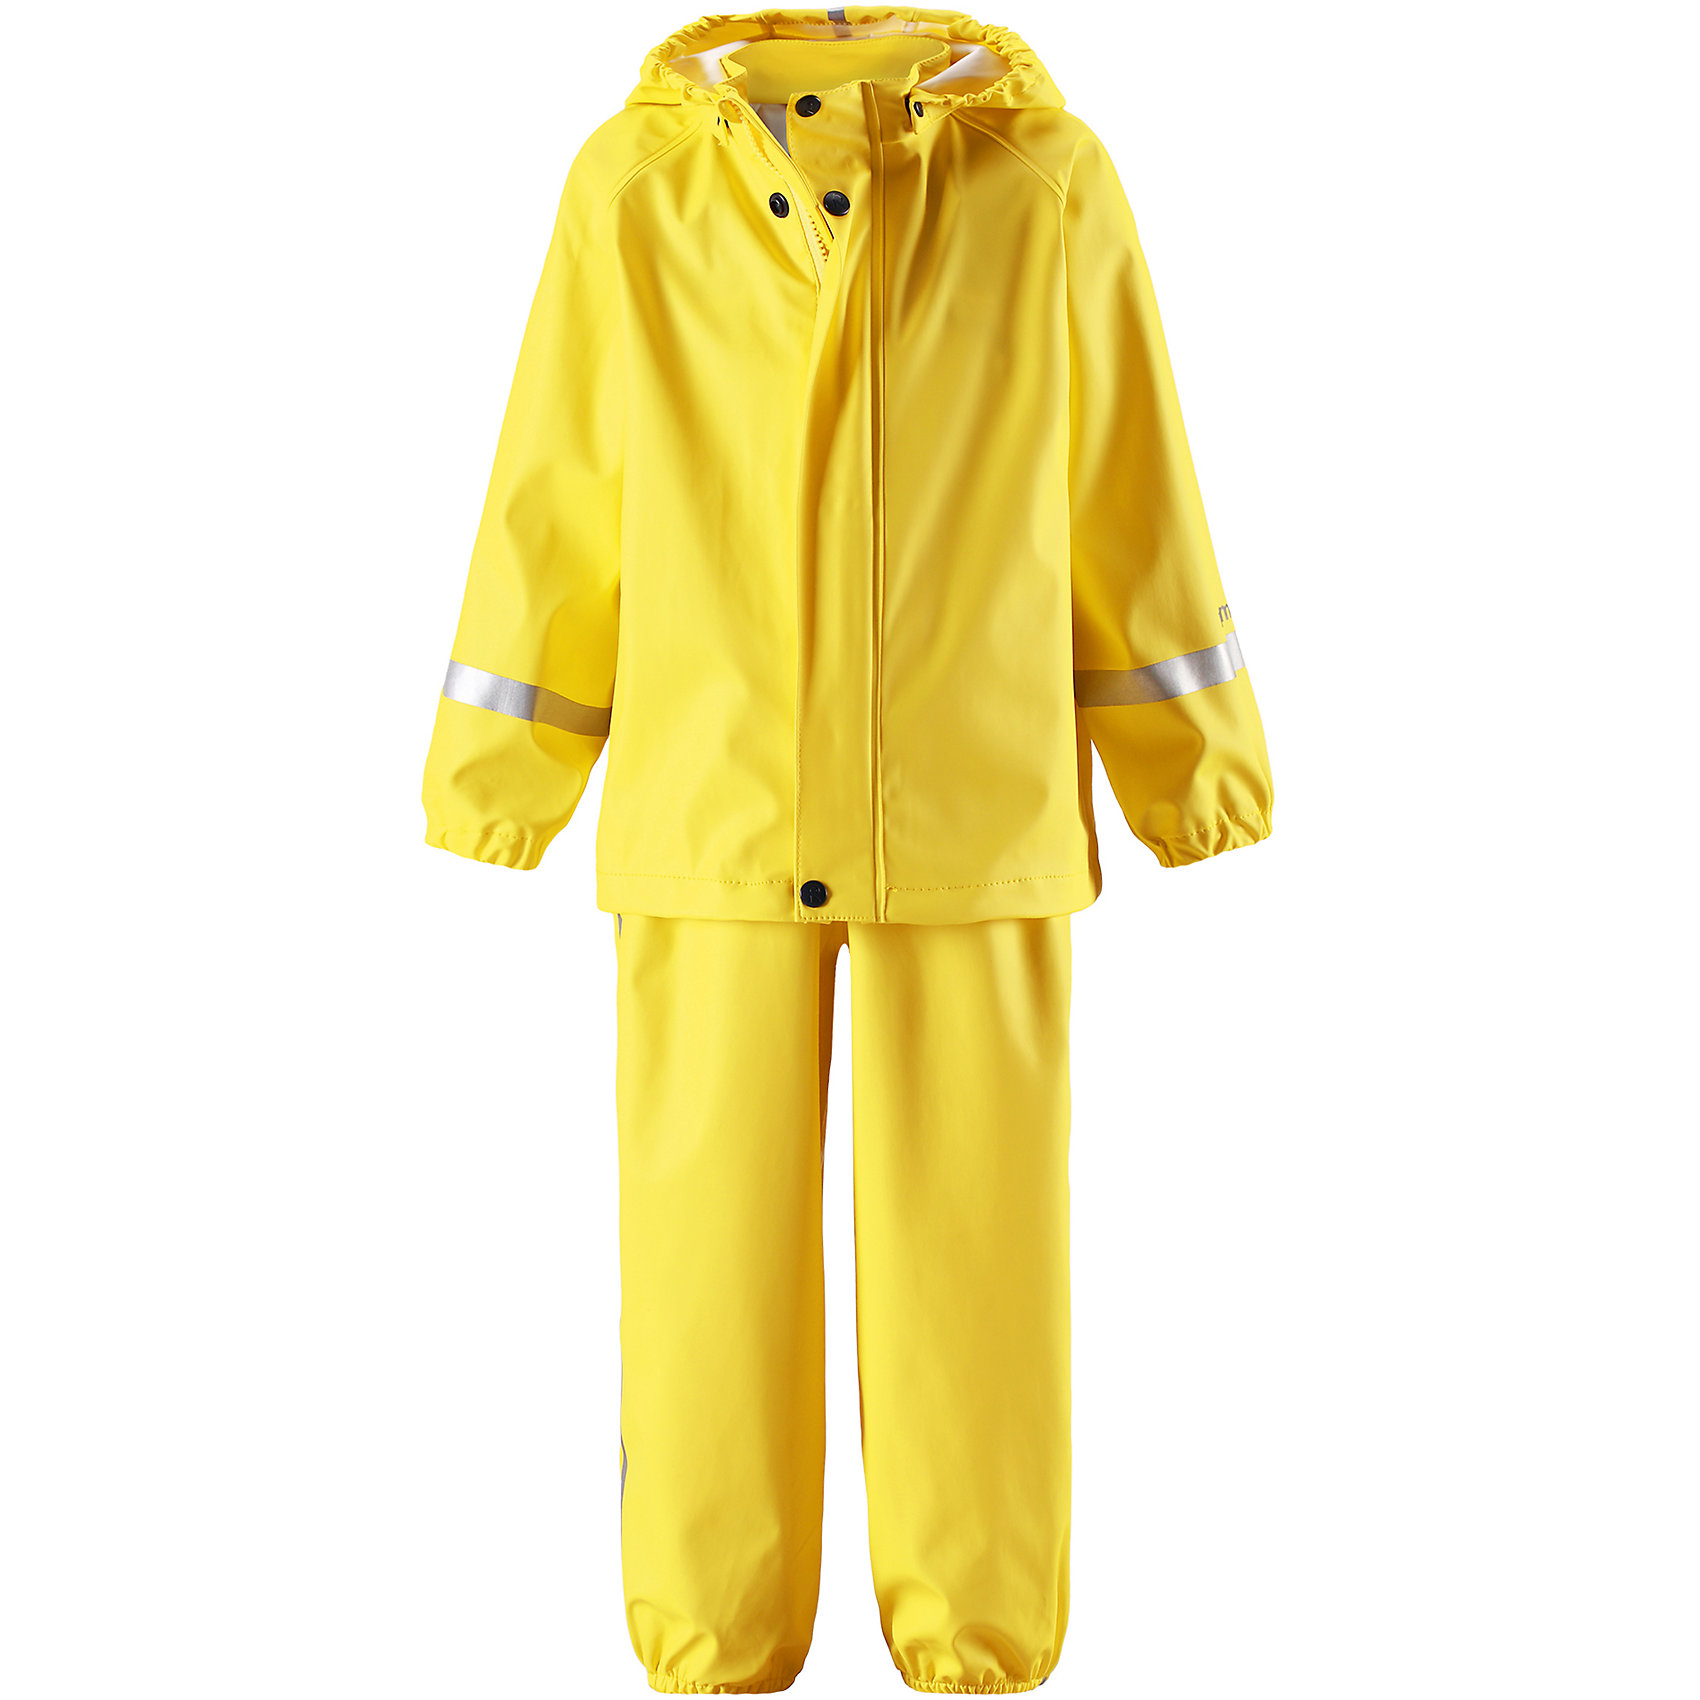 Непромокаемый комплект Tihku: куртка и брюки ReimaХарактеристики товара:<br><br>• цвет: желтый<br>• состав: 100% полиэстер, полиуретановое покрытие<br>• температурный режим: от +10°до +20°С<br>• водонепроницаемость: 10000 мм<br>• без утеплителя<br>• комплектация: куртка, штаны<br>• водонепроницаемый материал с запаянными швами<br>• эластичный материал<br>• не содержит ПВХ<br>• безопасный съемный капюшон<br>• эластичные манжеты <br>• регулируемая талия<br>• эластичные манжеты на брючинах<br>• комфортная посадка<br>• съемные эластичные штрипки <br>• регулируемые подтяжки<br>• спереди застёгивается на молнию<br>• светоотражающие детали<br>• страна производства: Китай<br>• страна бренда: Финляндия<br>• коллекция: весна-лето 2017<br><br>Демисезонный комплект из куртки и штанов поможет обеспечить ребенку комфорт и тепло. Предметы отлично смотрятся с различной одеждой. Комплект удобно сидит и модно выглядит. Материал отлично подходит для дождливой погоды. Стильный дизайн разрабатывался специально для детей.<br><br>Обувь и одежда от финского бренда Reima пользуются популярностью во многих странах. Они стильные, качественные и удобные. Для производства продукции используются только безопасные, проверенные материалы и фурнитура.<br><br>Комплект: куртка и брюки для мальчика от финского бренда Reima (Рейма) можно купить в нашем интернет-магазине.<br><br>Ширина мм: 356<br>Глубина мм: 10<br>Высота мм: 245<br>Вес г: 519<br>Цвет: желтый<br>Возраст от месяцев: 36<br>Возраст до месяцев: 48<br>Пол: Унисекс<br>Возраст: Детский<br>Размер: 104,92,98,86,110,80,116,74<br>SKU: 5265463